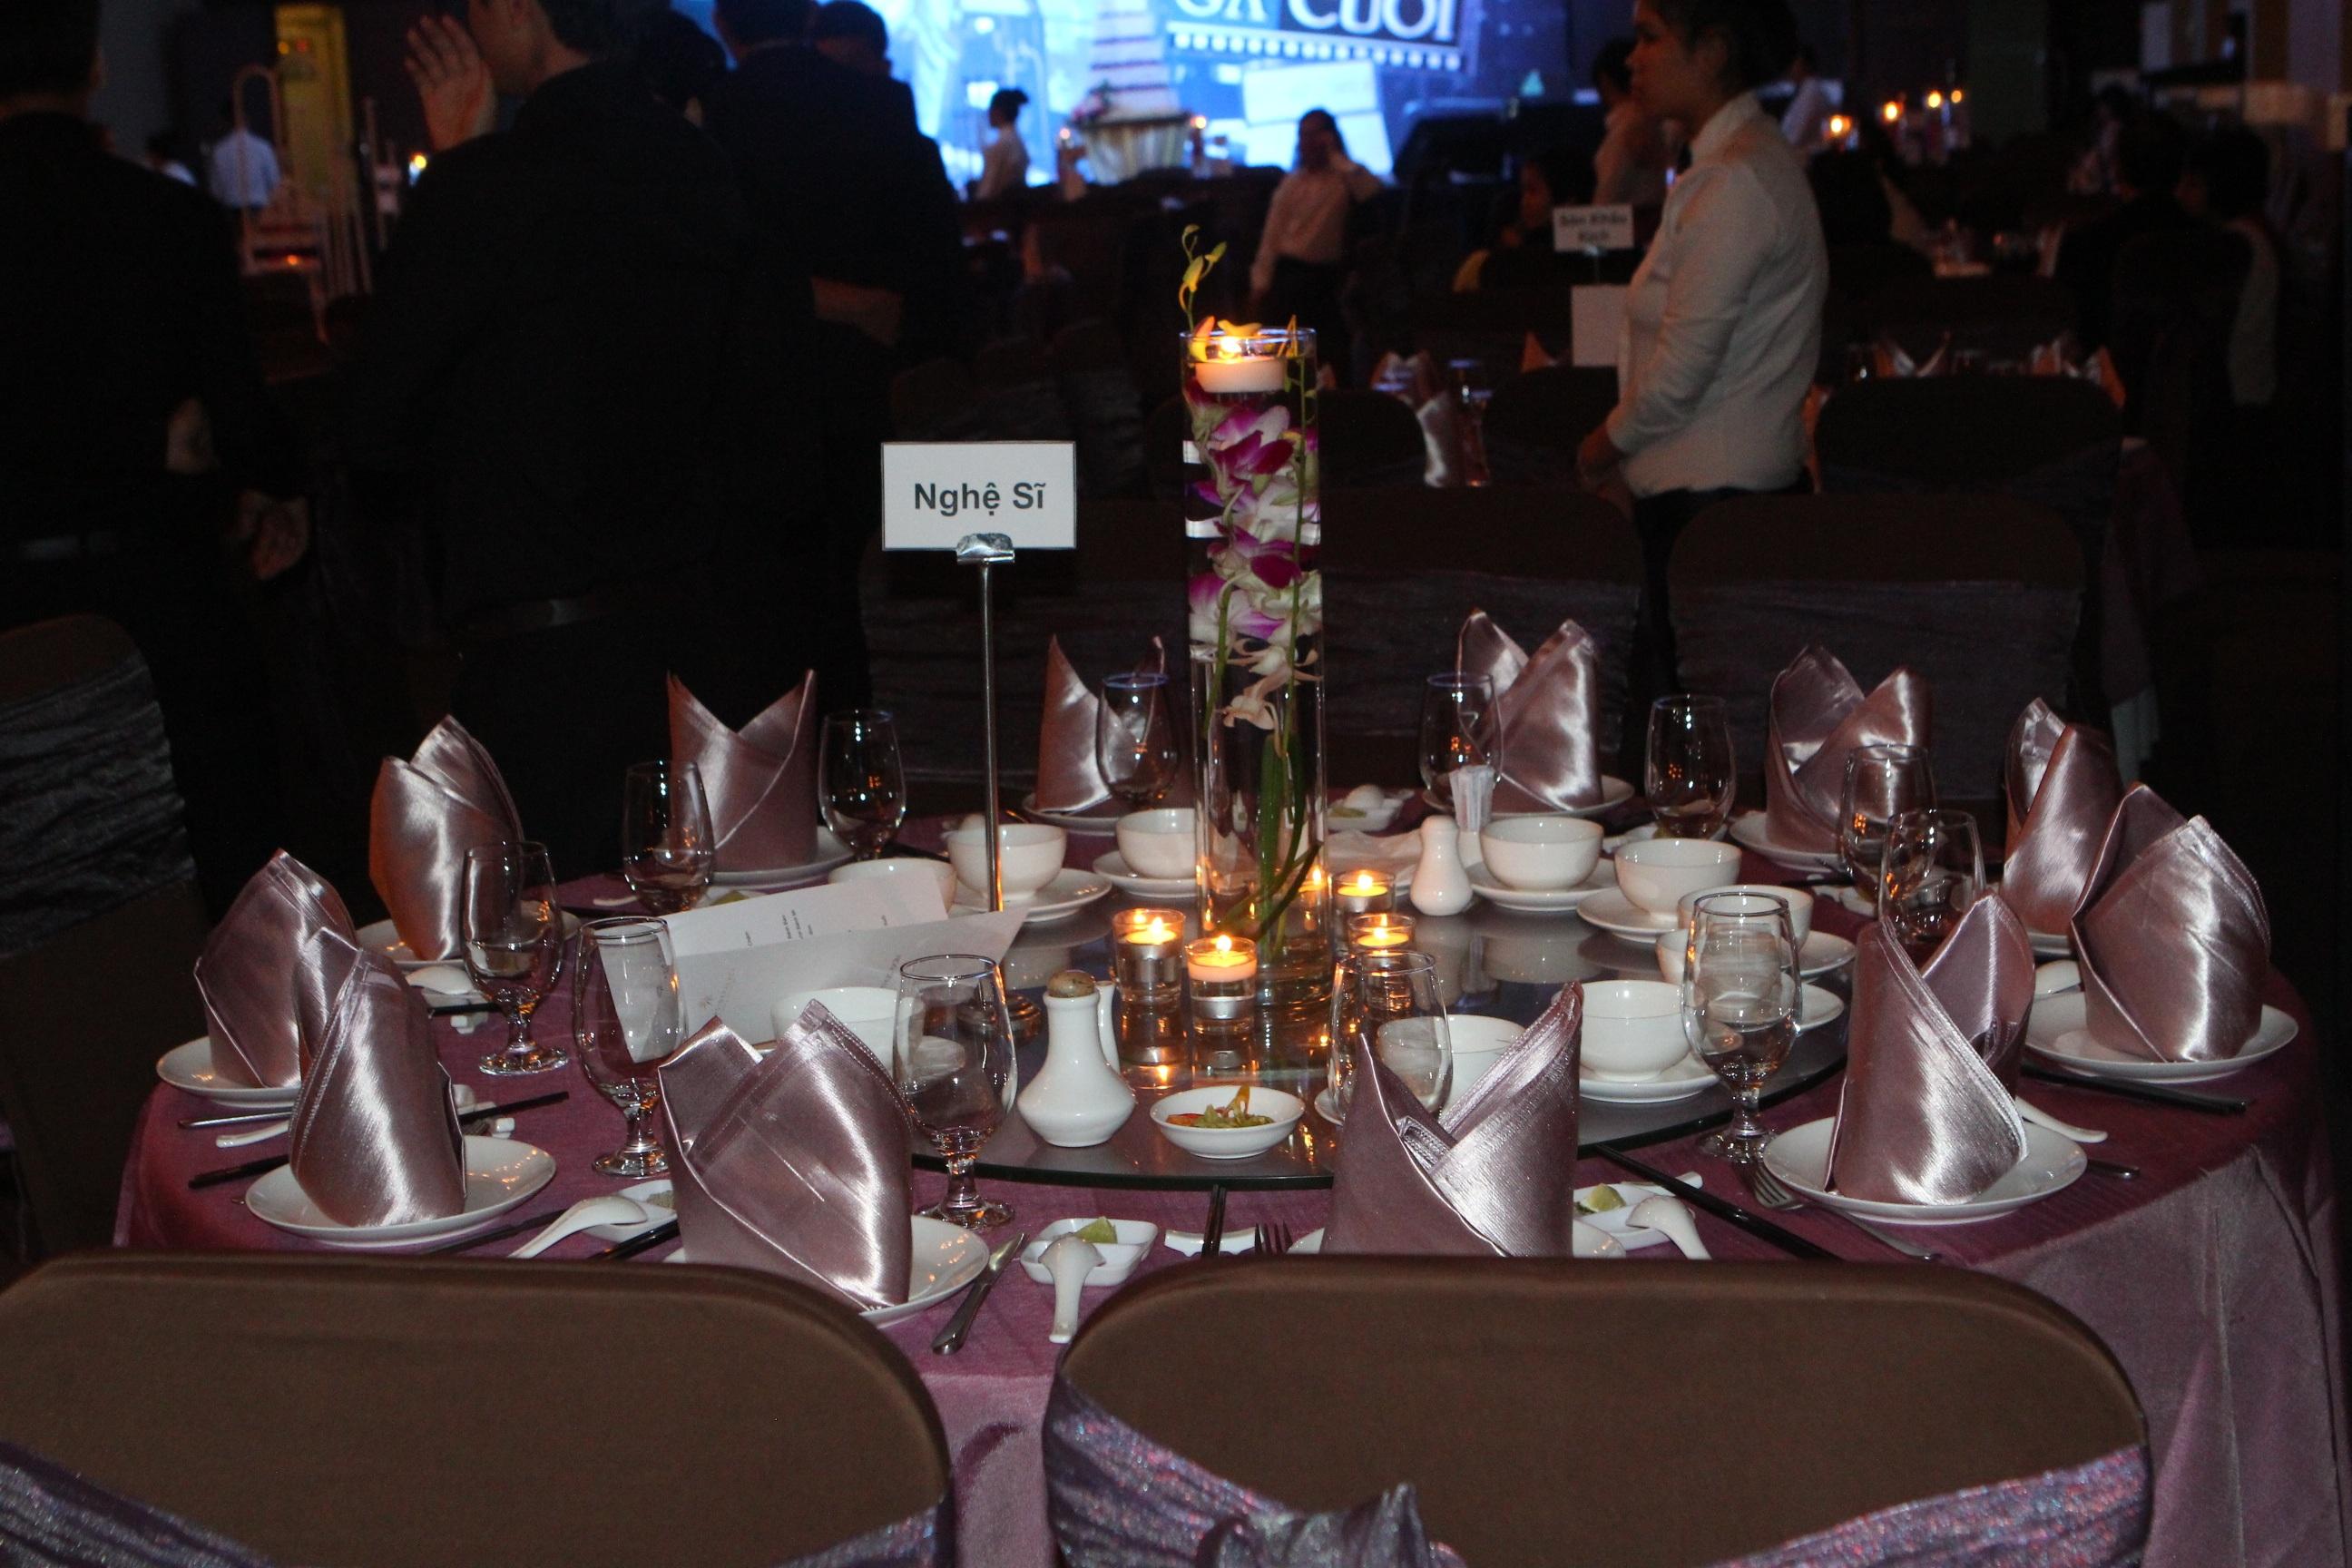 Bàn tiệc dành cho các khách mời là nghệ sỹ cũng được trang trí rất bắt mắt.